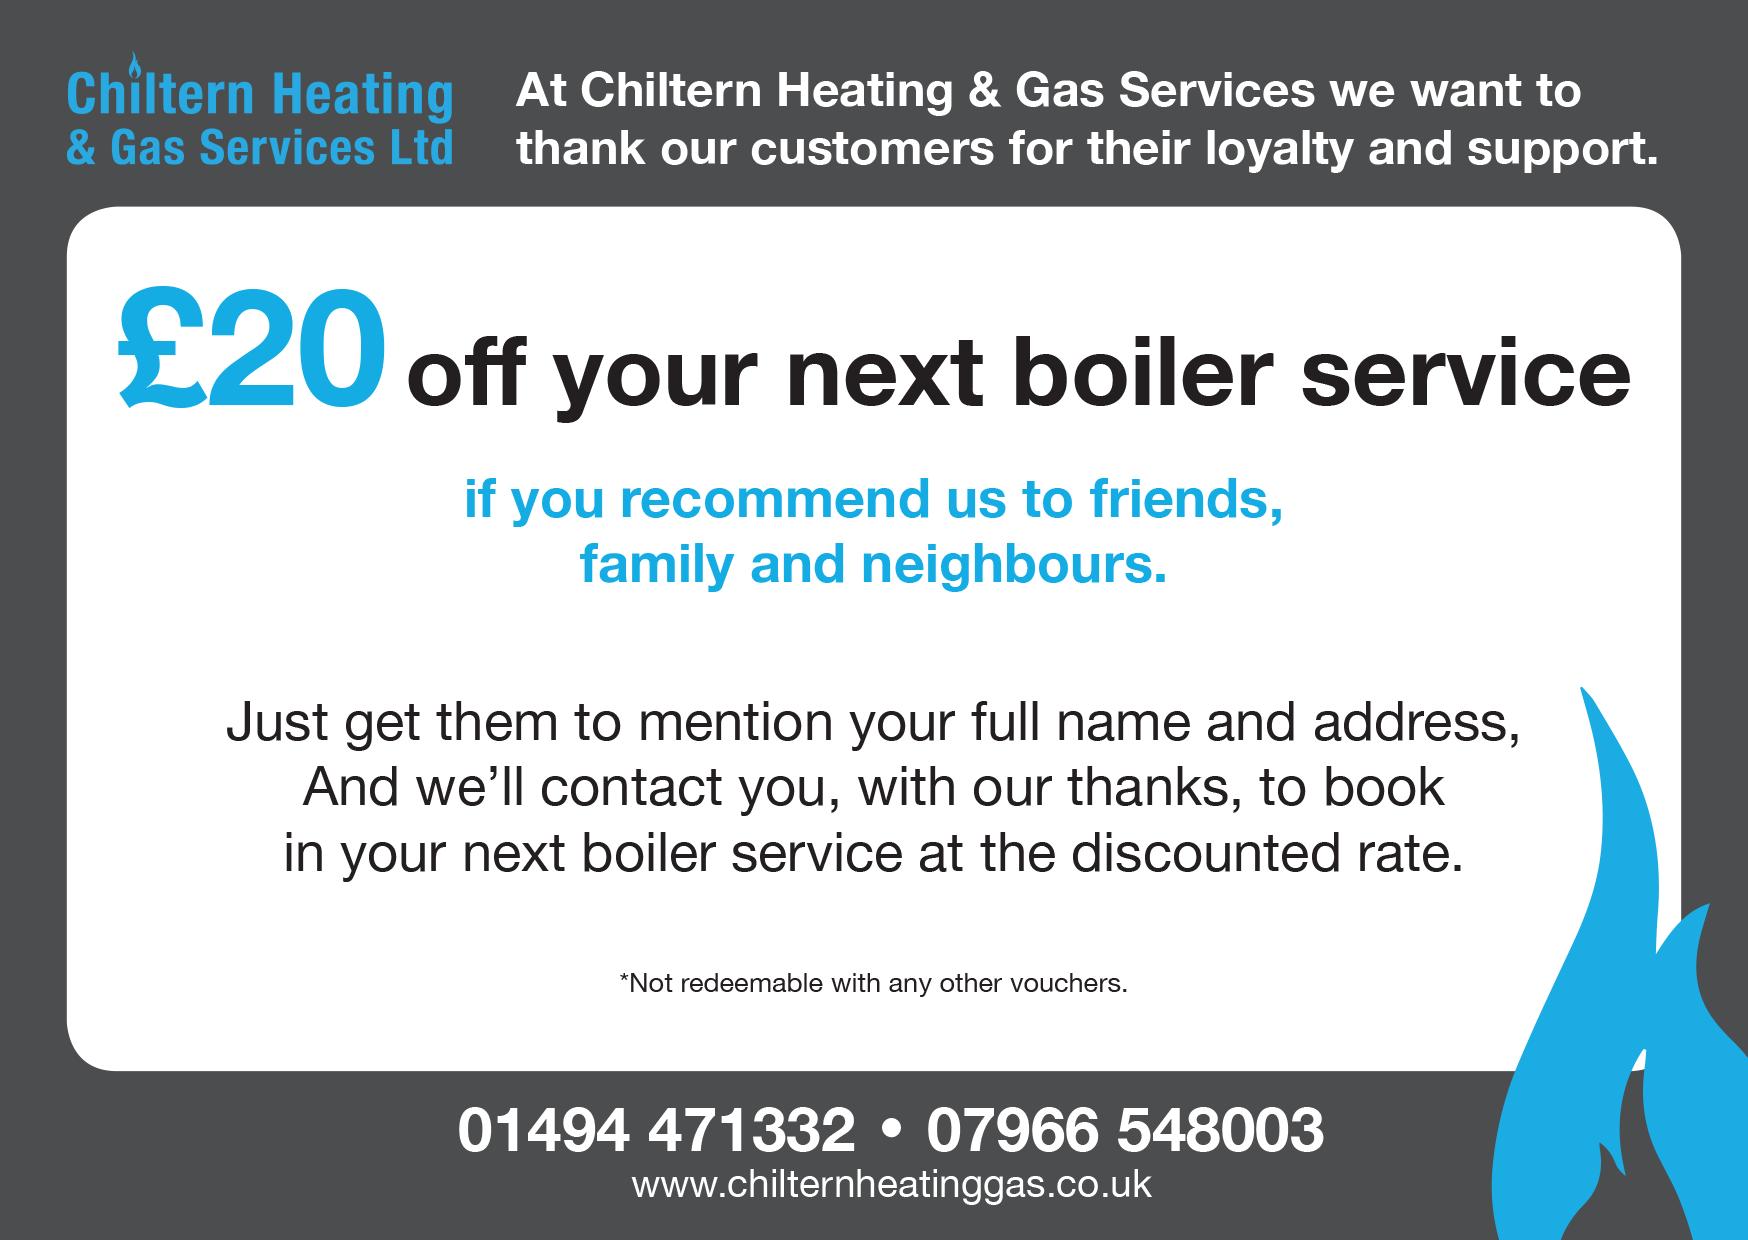 Boiler Service Recommendation Voucher